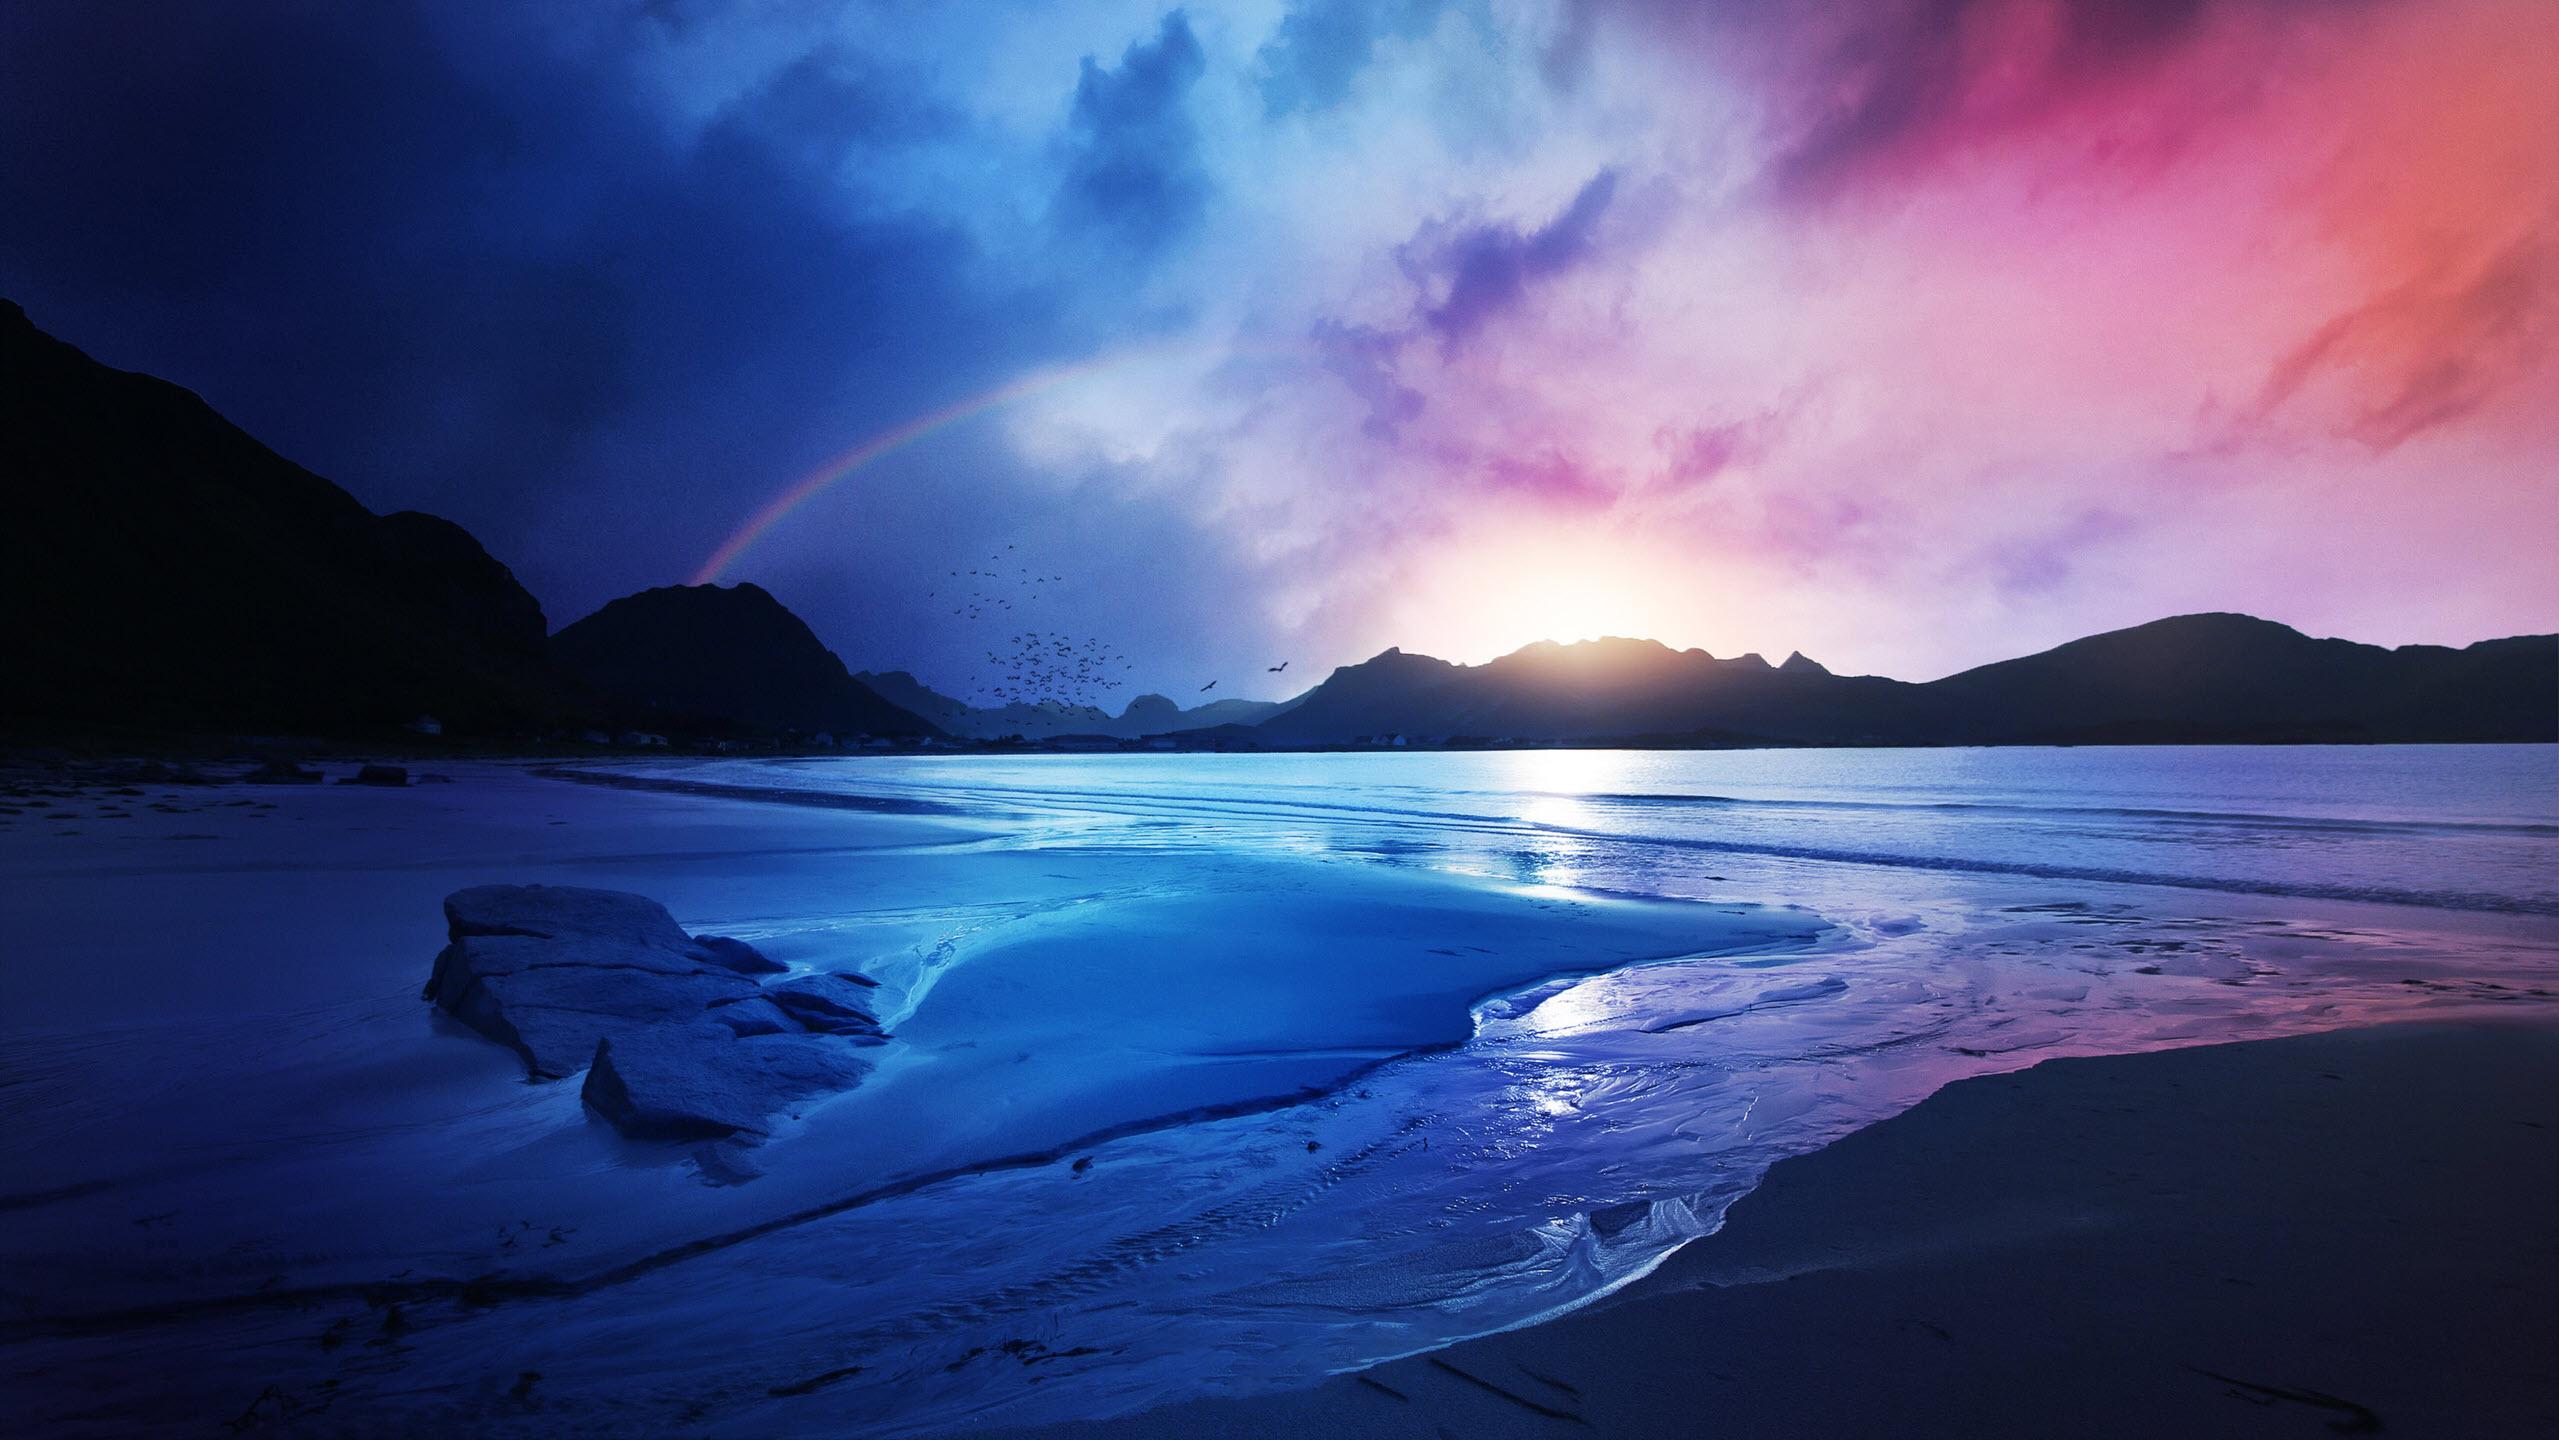 Hình nền phong cảnh đẹp nhất thế giới